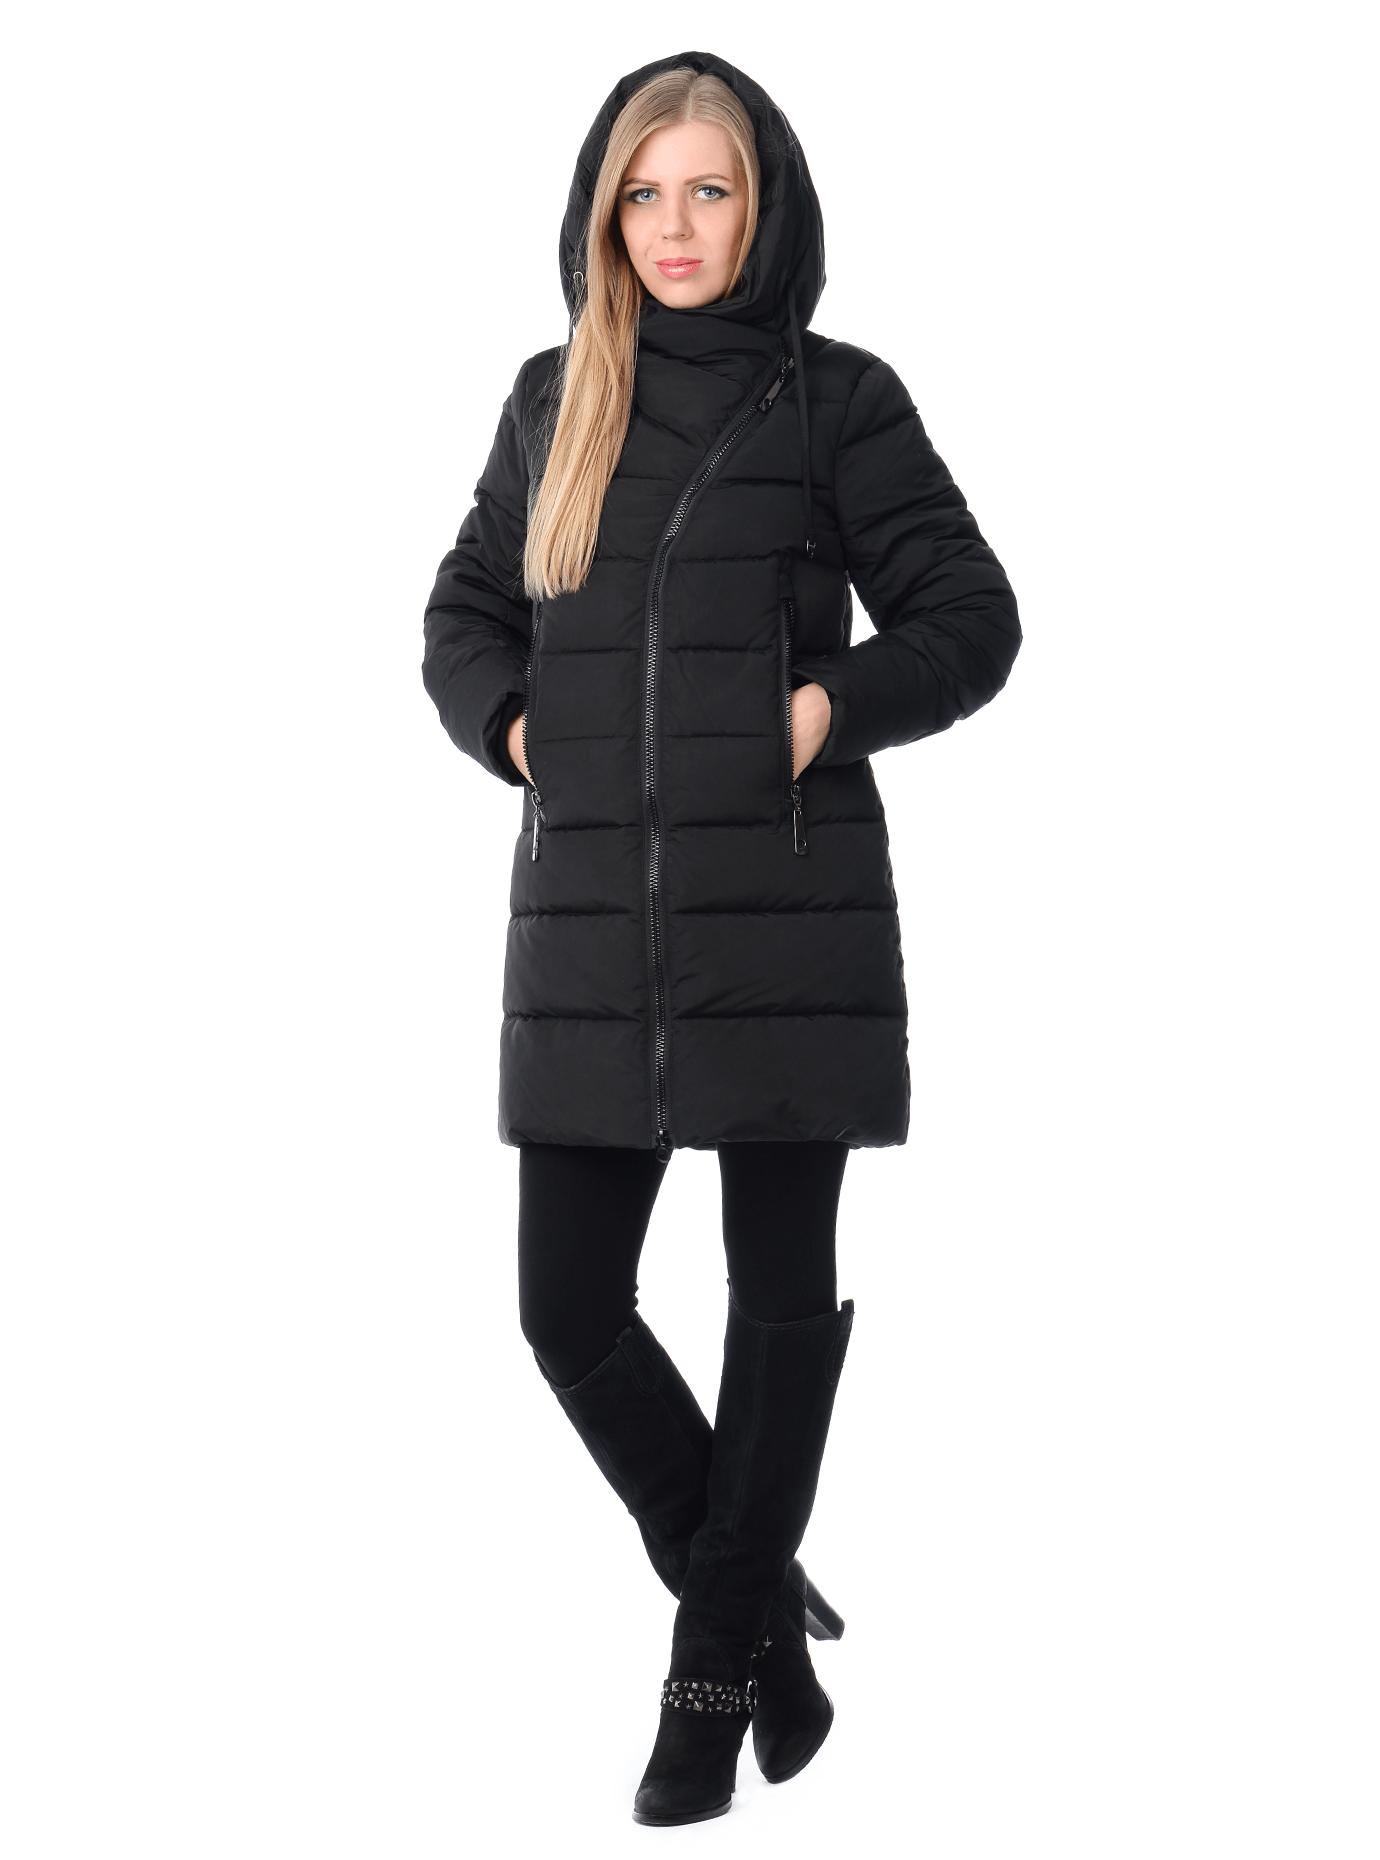 Куртка зимняя на молнии Тёмно-синий S (01-RR16048): фото - Alster.ua